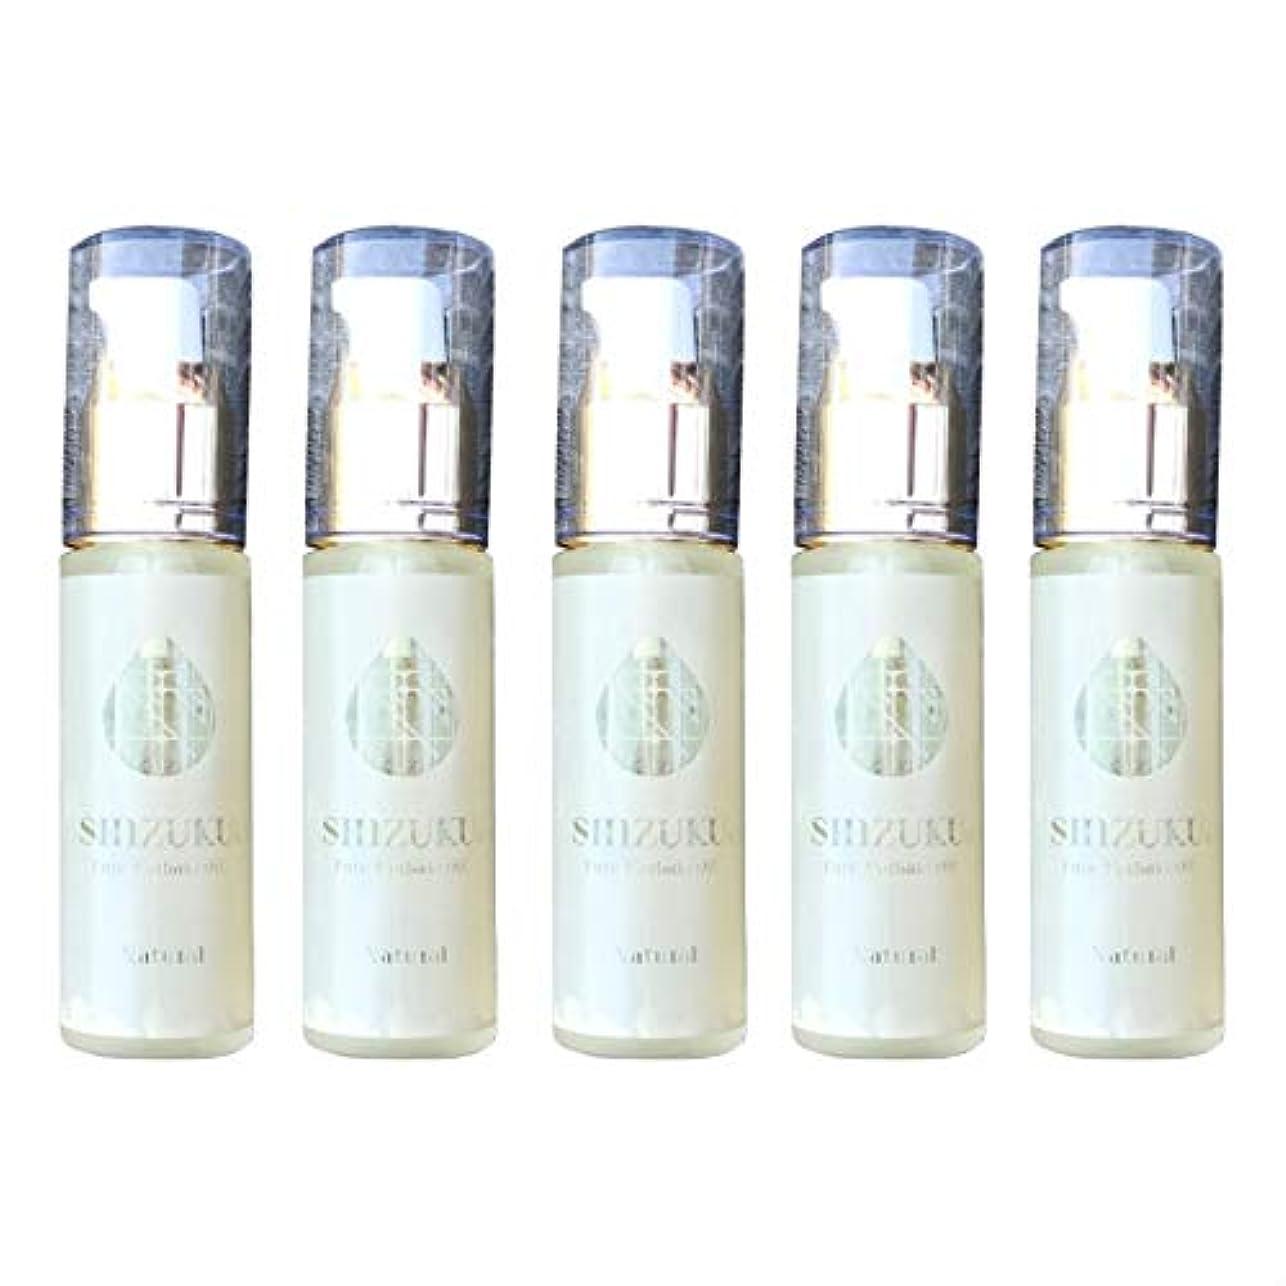 床同一の励起雫 椿オイル ナチュラル 30ml 五島 精製椿油 (ナチュラル30ml 5本)